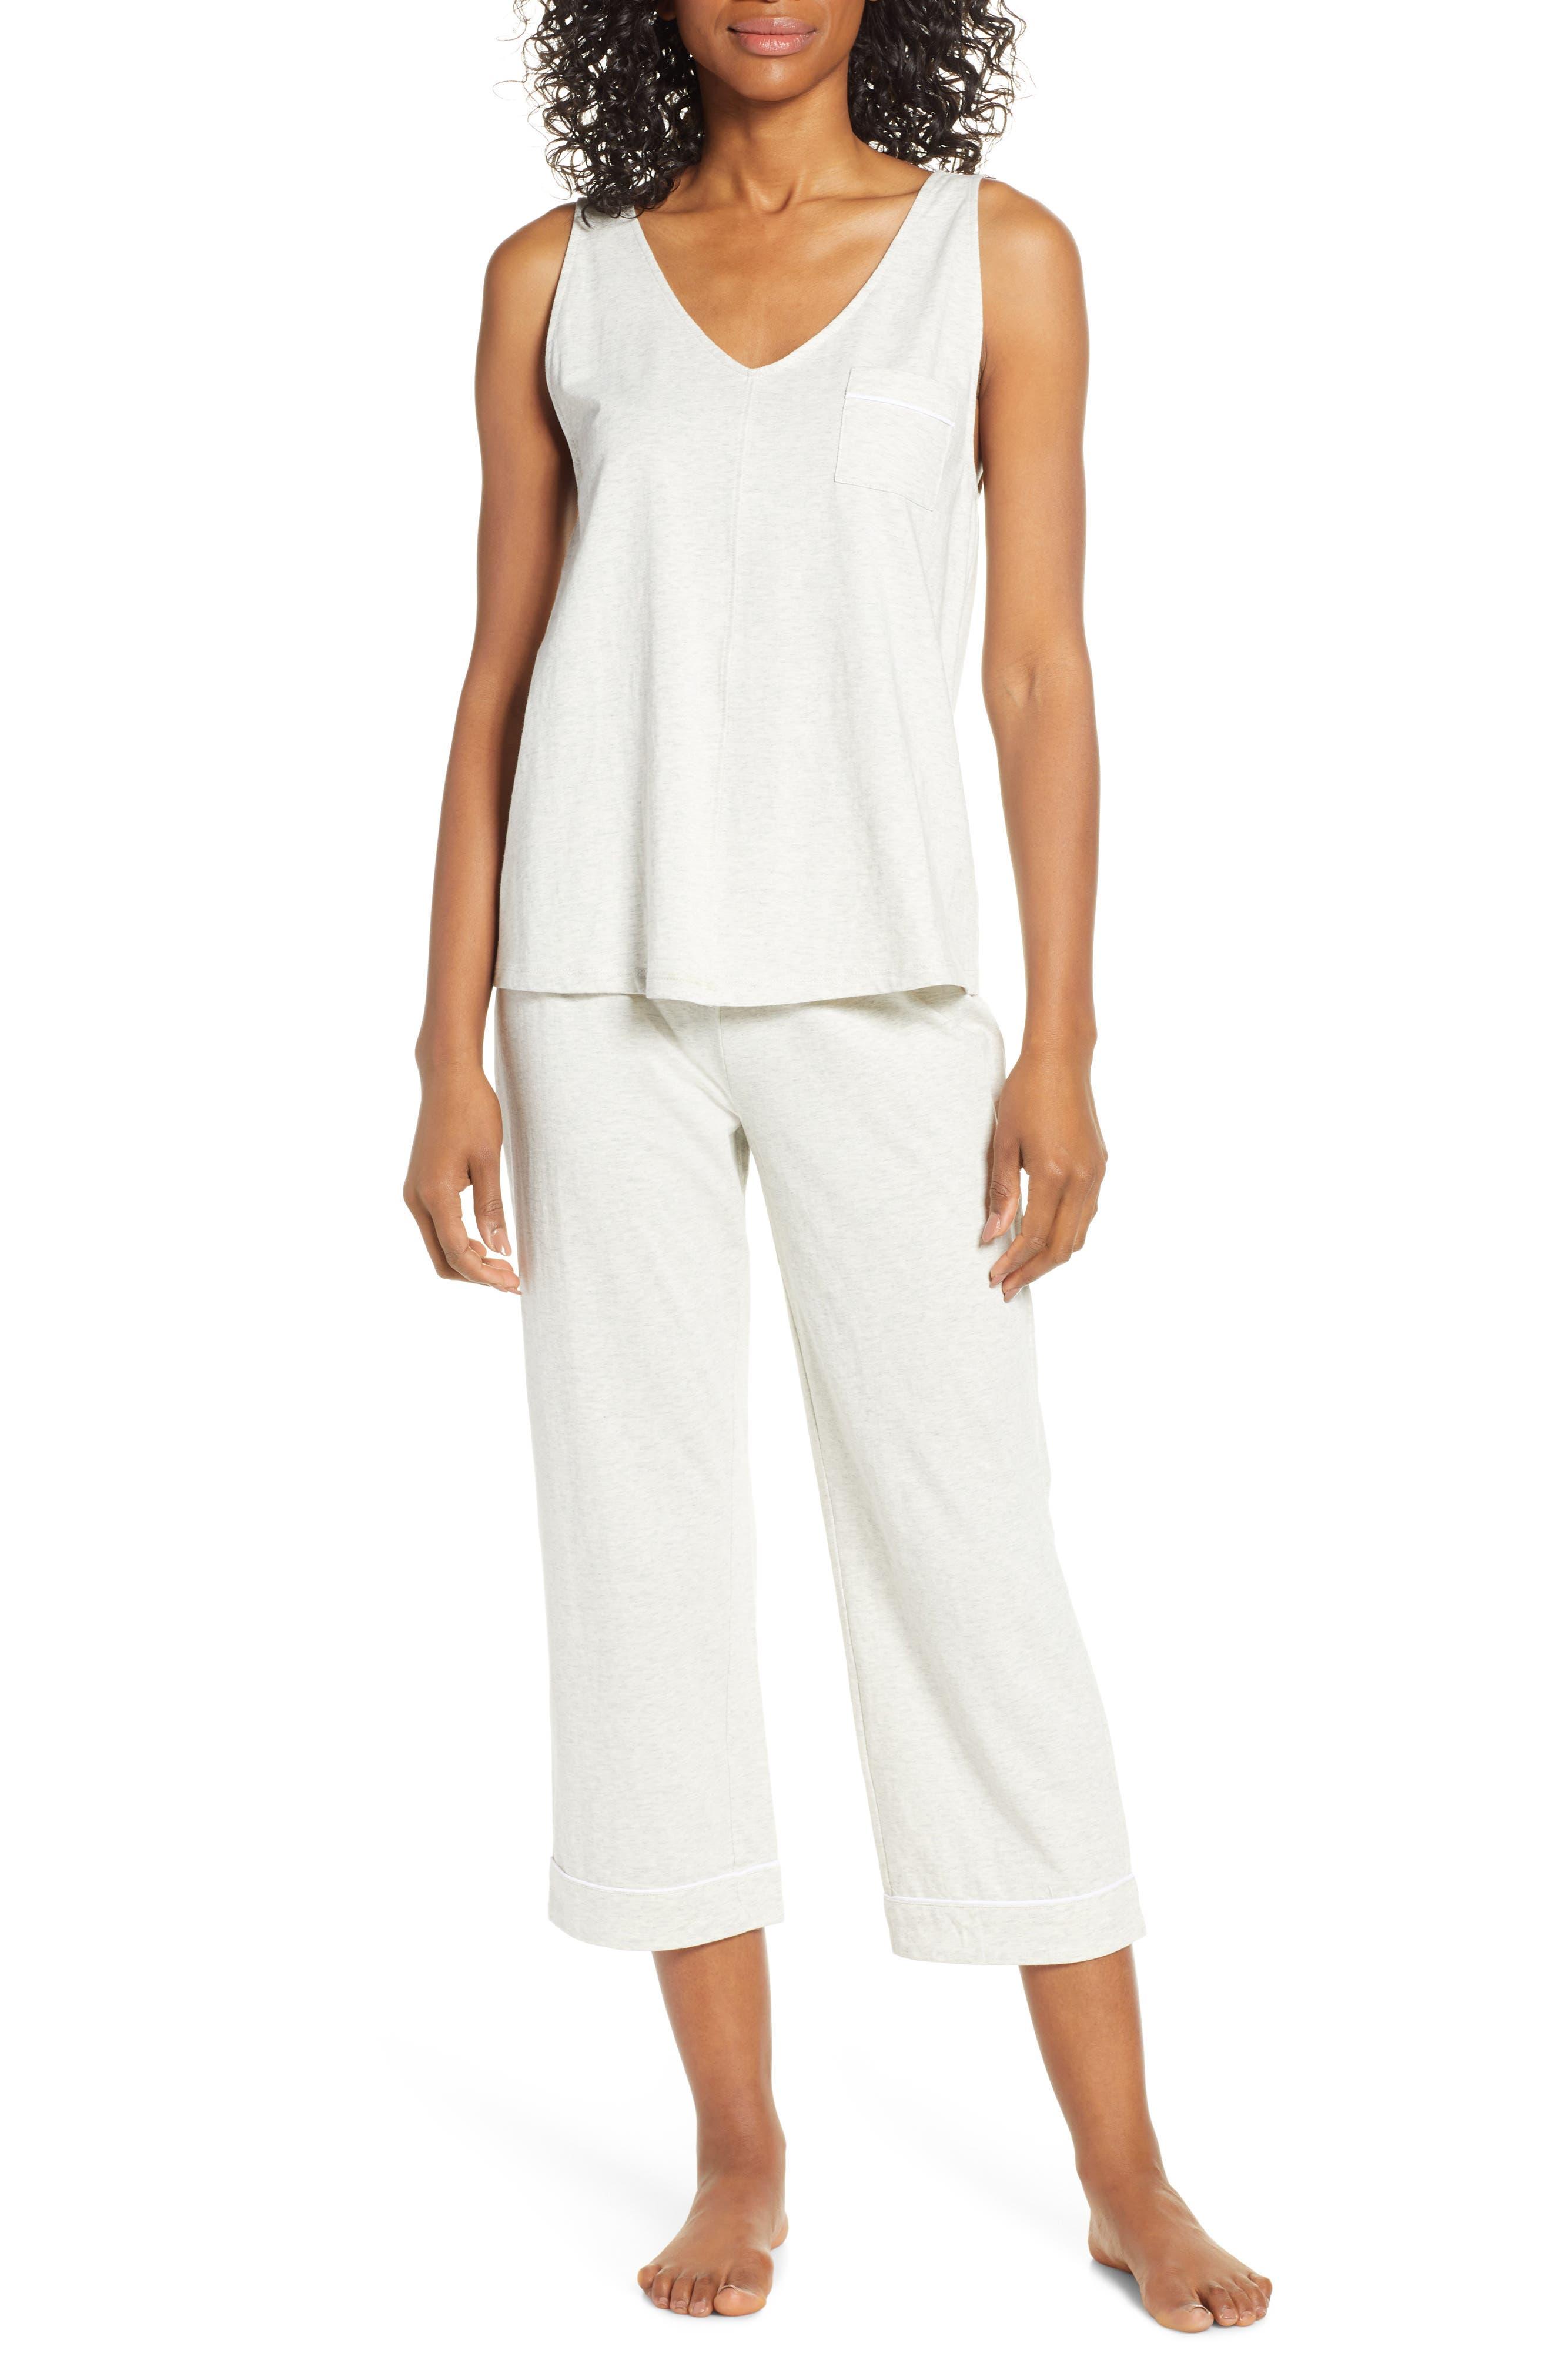 Nordstrom Lingerie Breathe Capri Pajamas